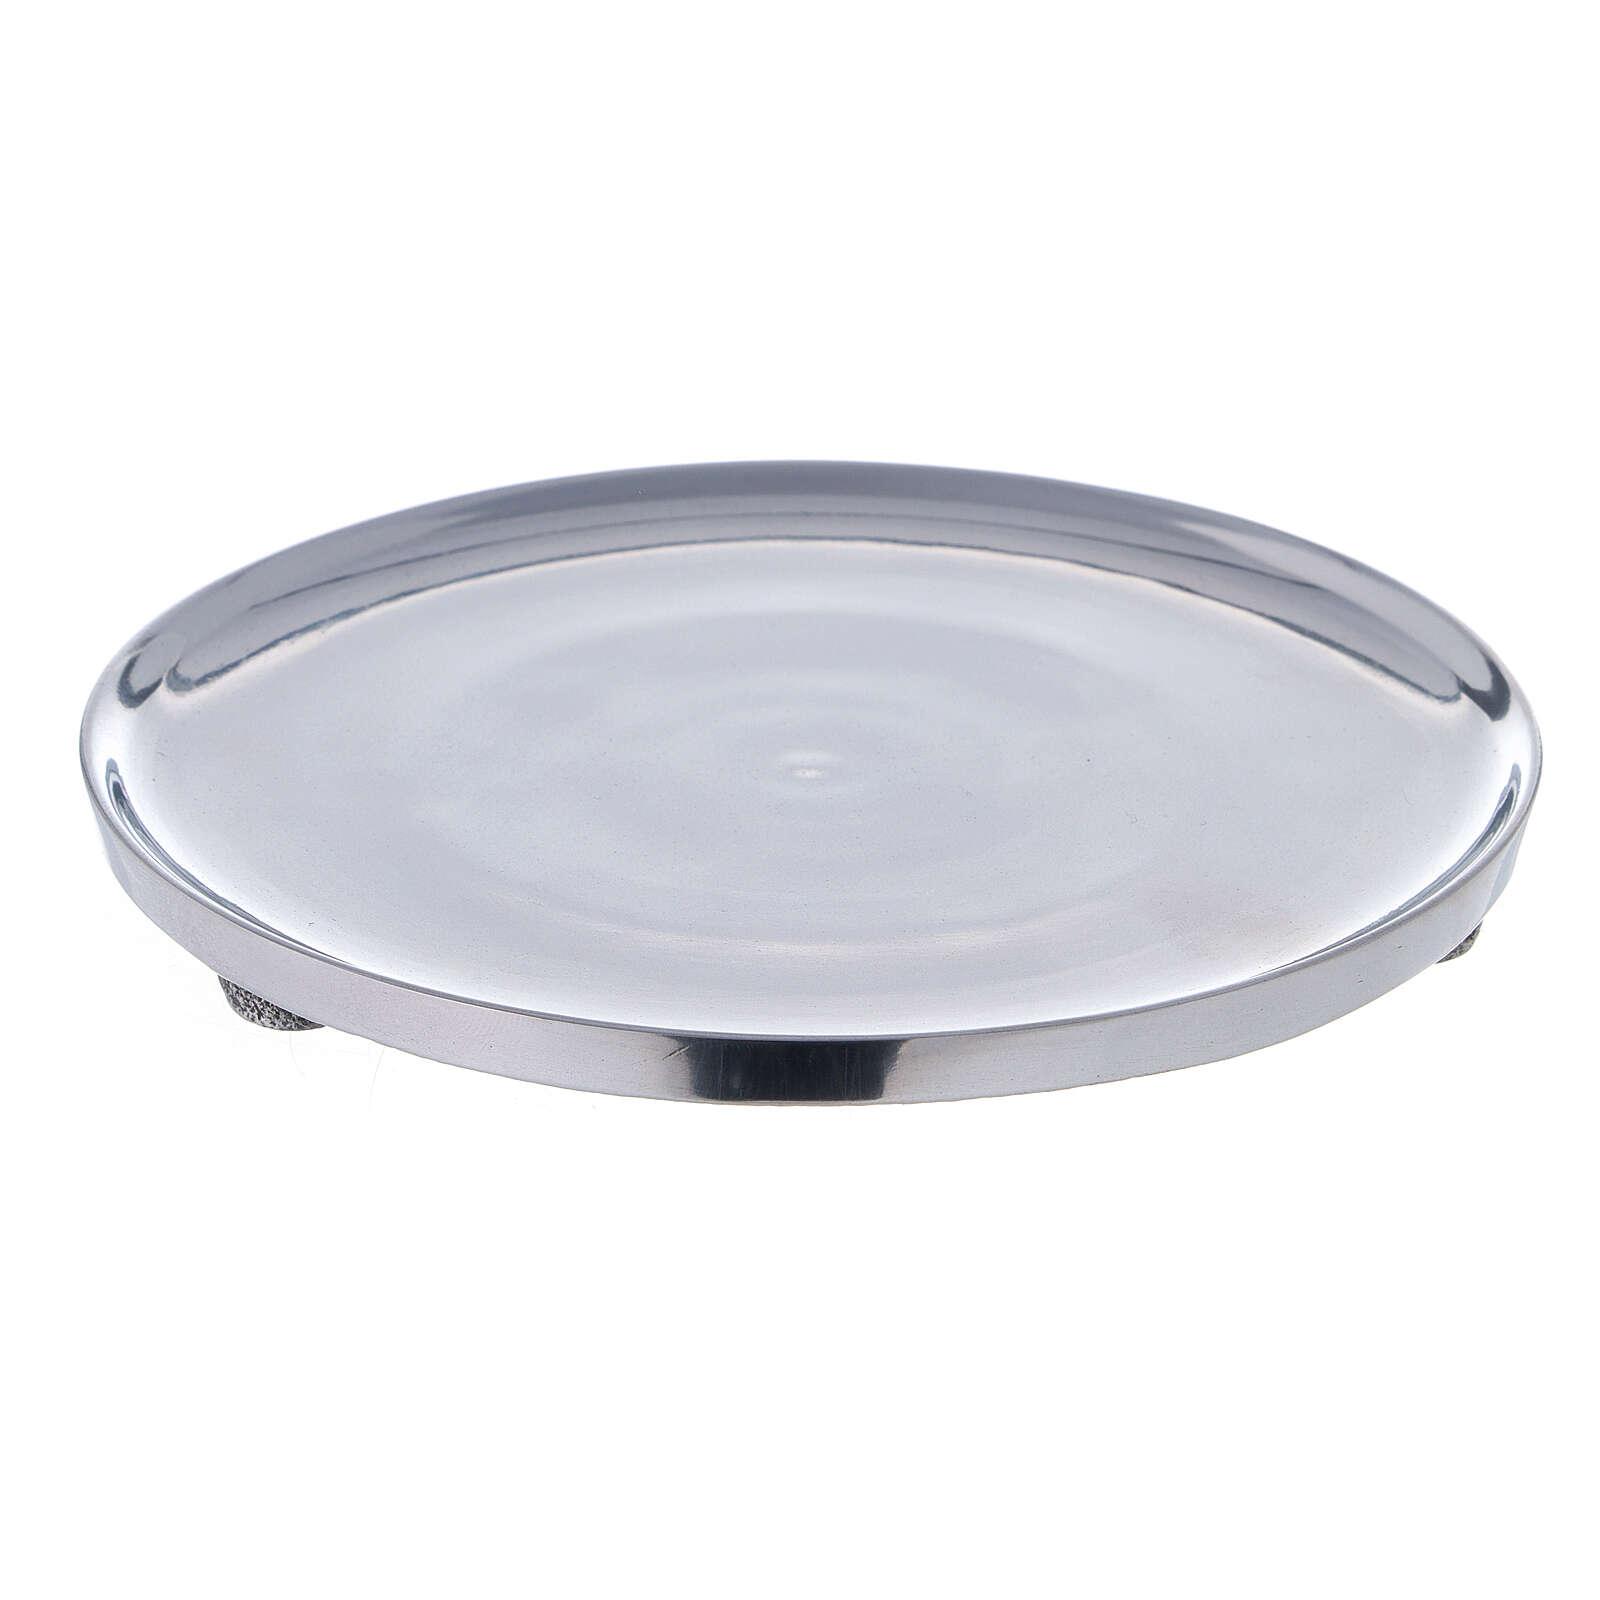 Piatto portacandela alluminio lucido 17 cm diametro 3